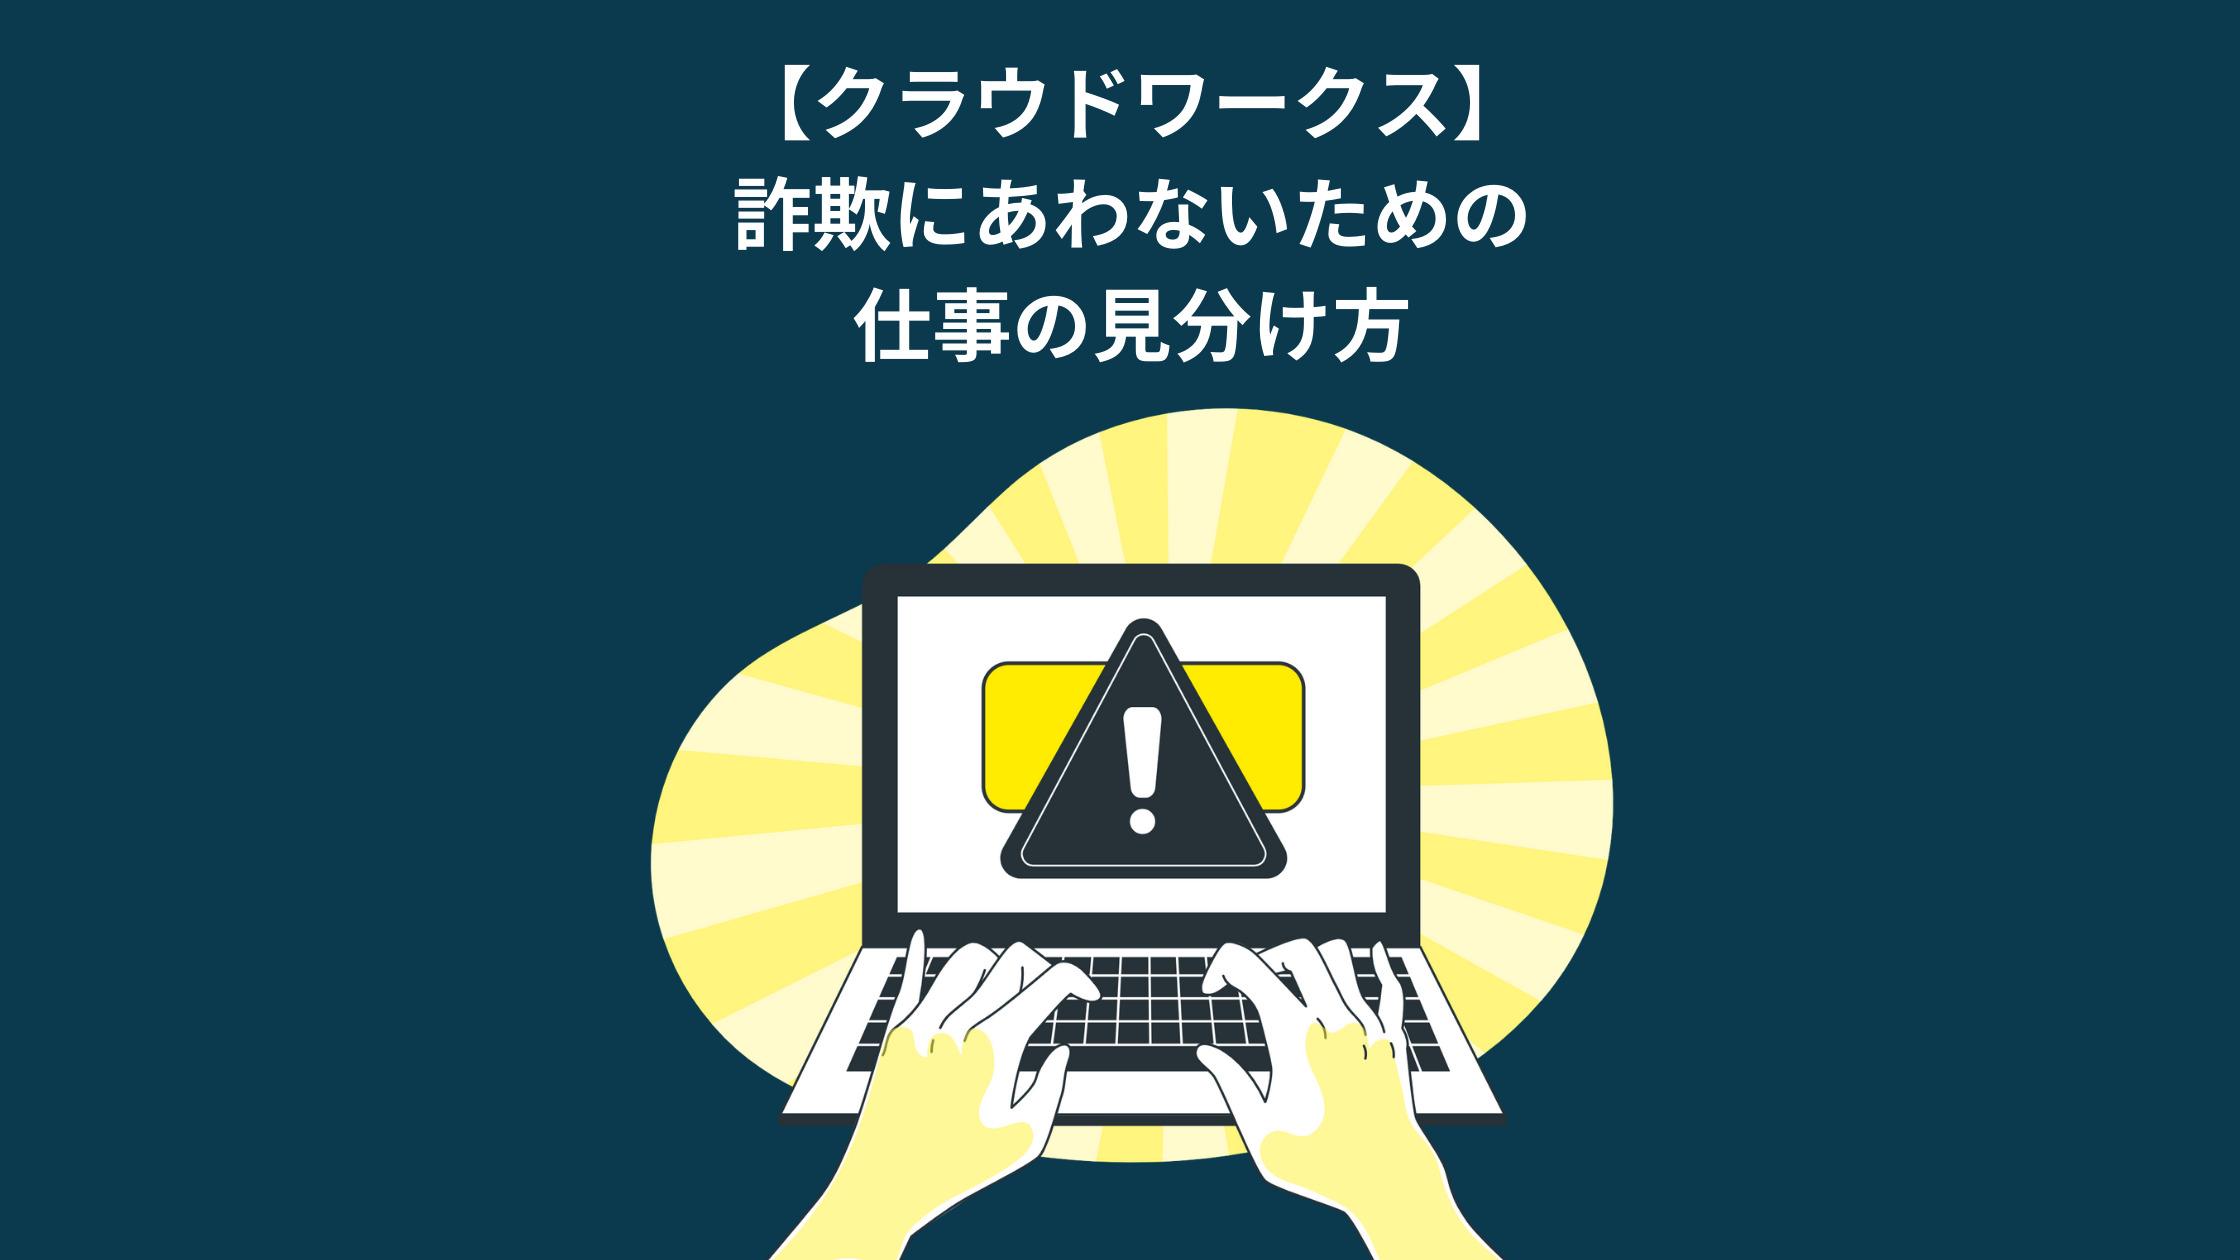 【クラウドワークス】 詐欺にあわないための 仕事の見分け方